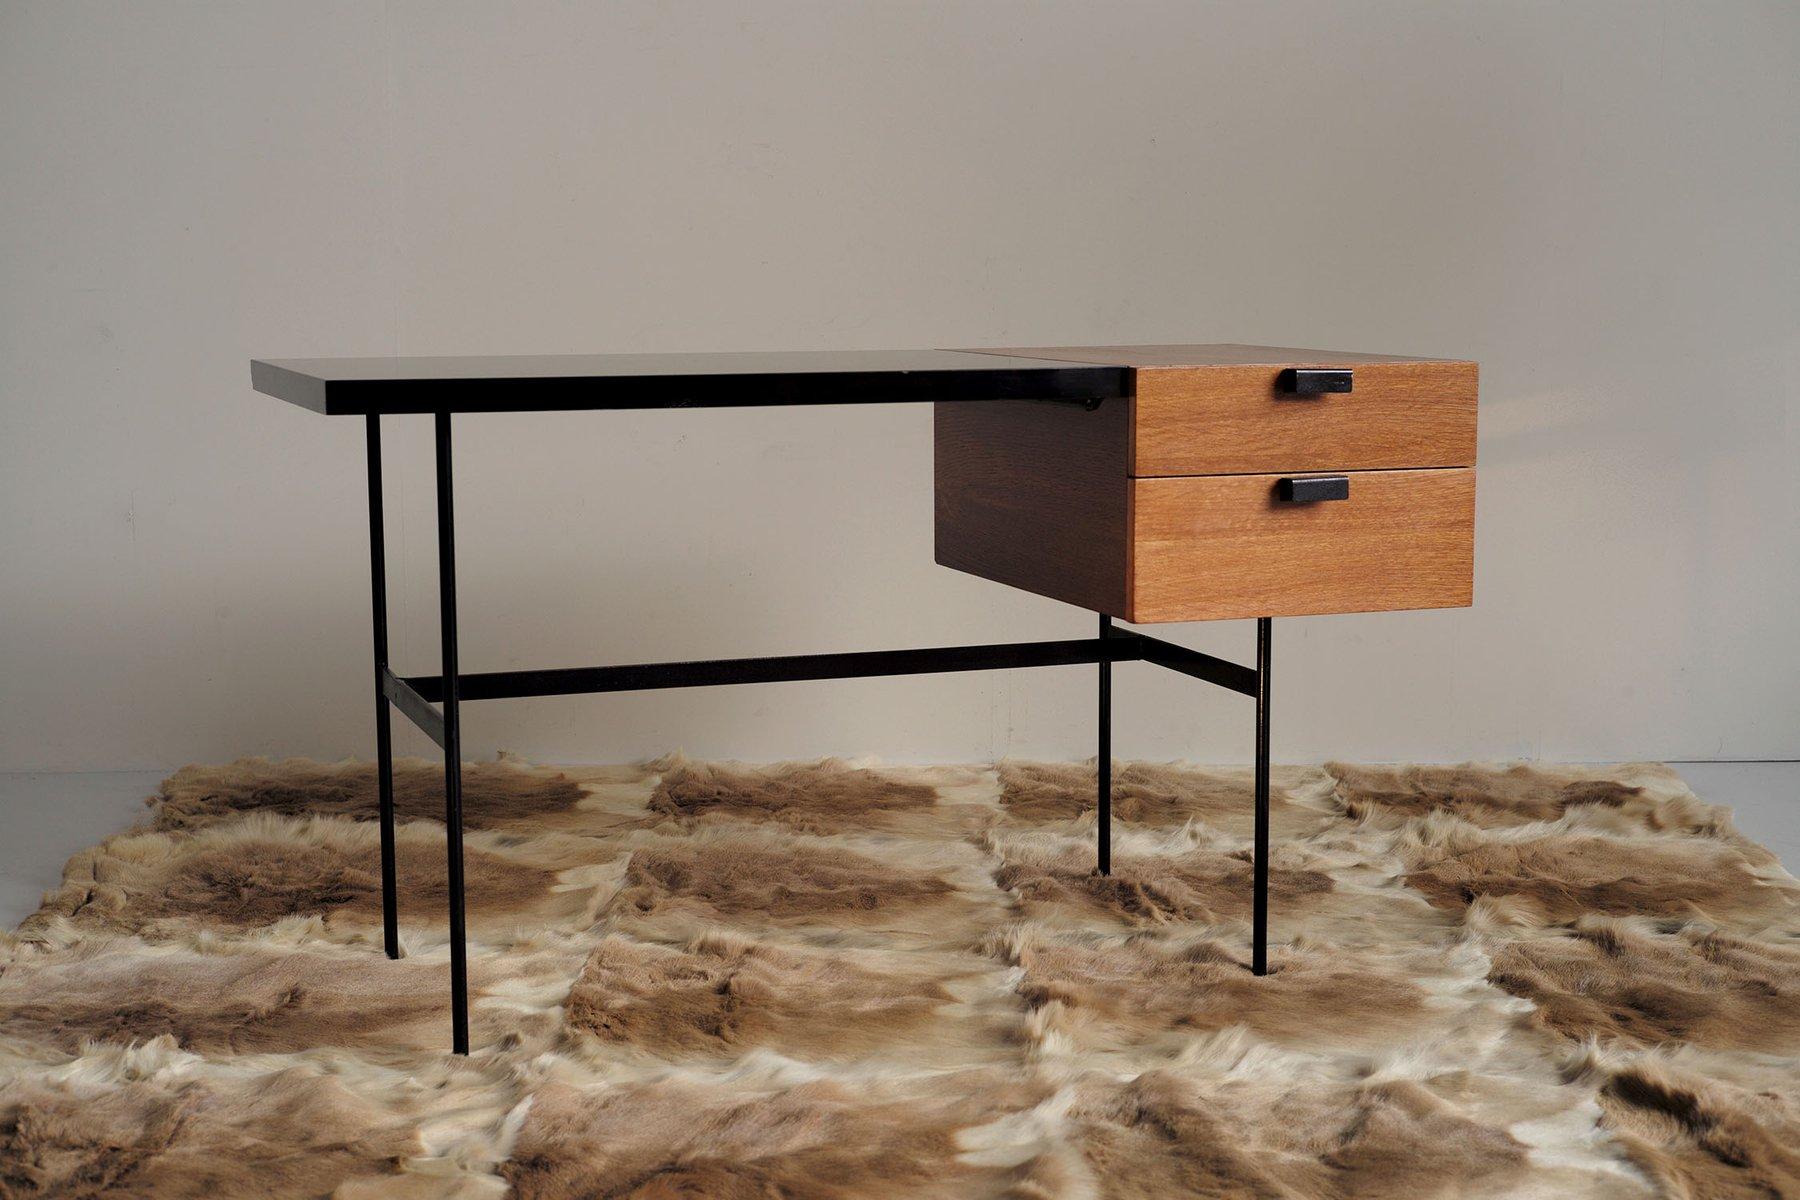 bureau cm 141 par pierre paulin pour thonet 1953 en vente sur pamono. Black Bedroom Furniture Sets. Home Design Ideas